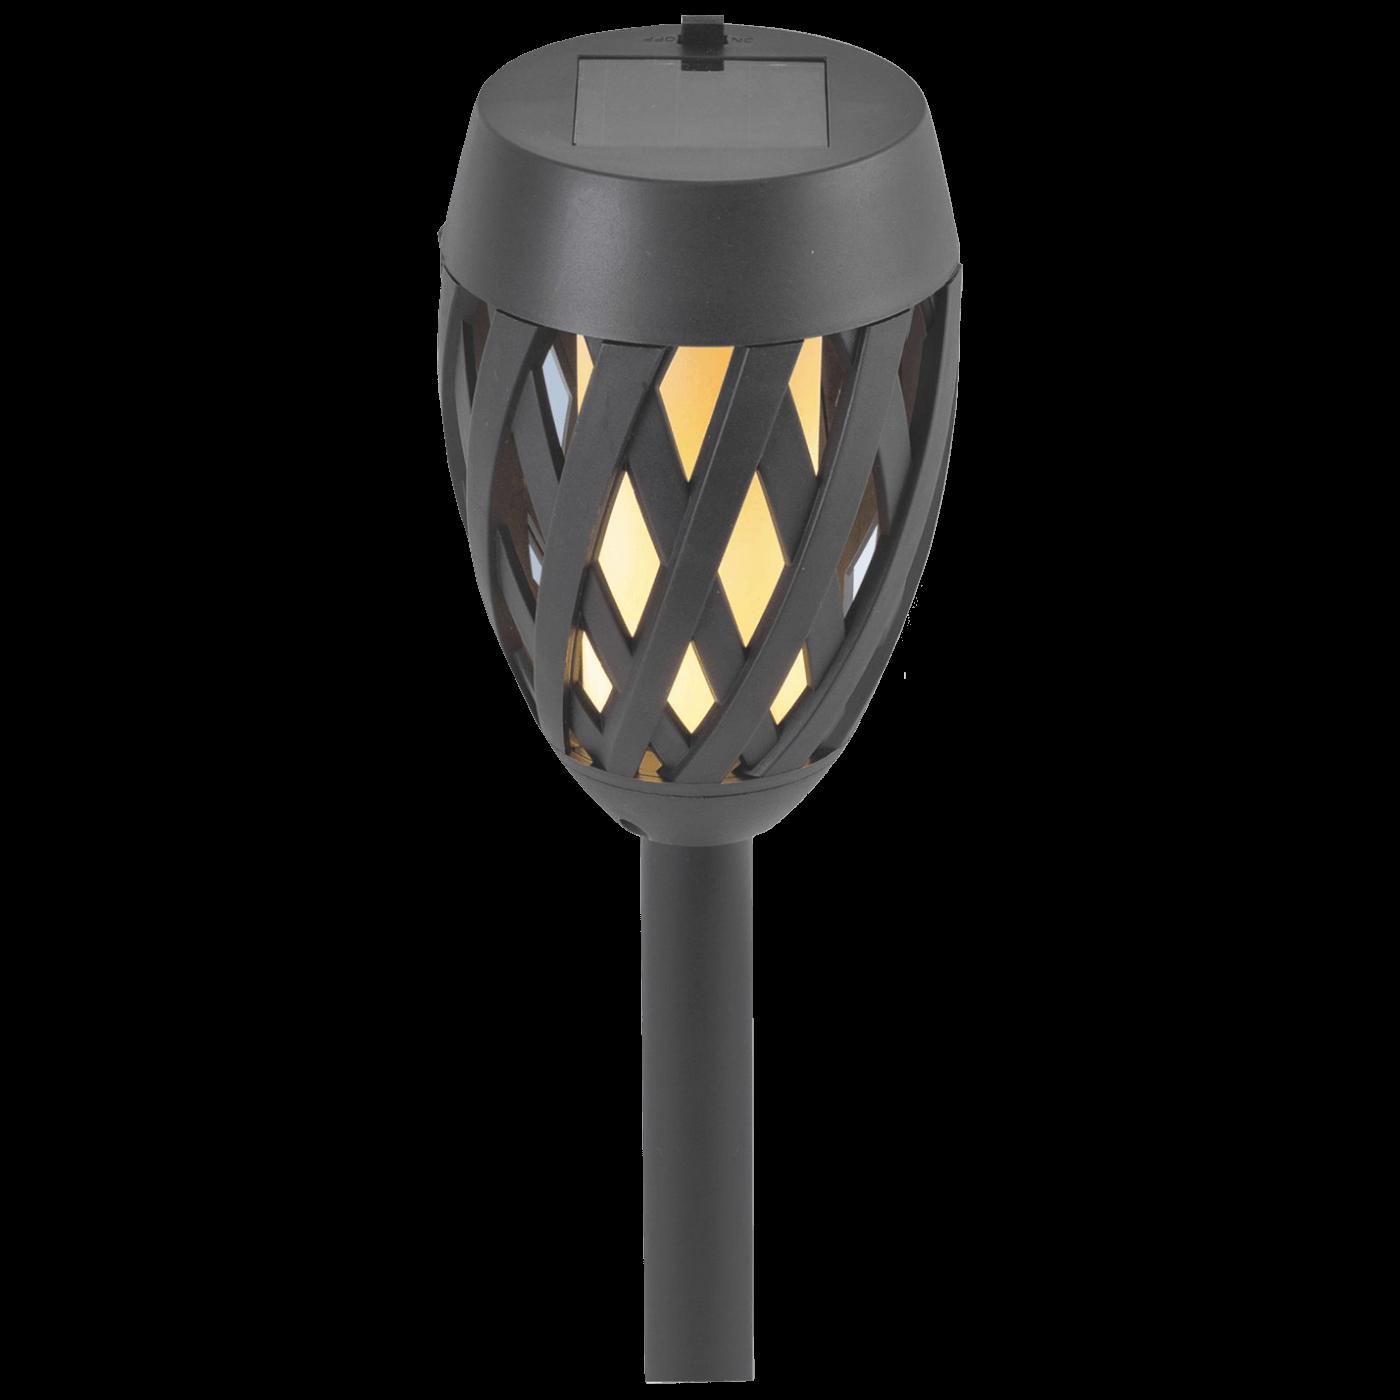 Solarna vrtna dekorativna svjetiljka, 300 mAh